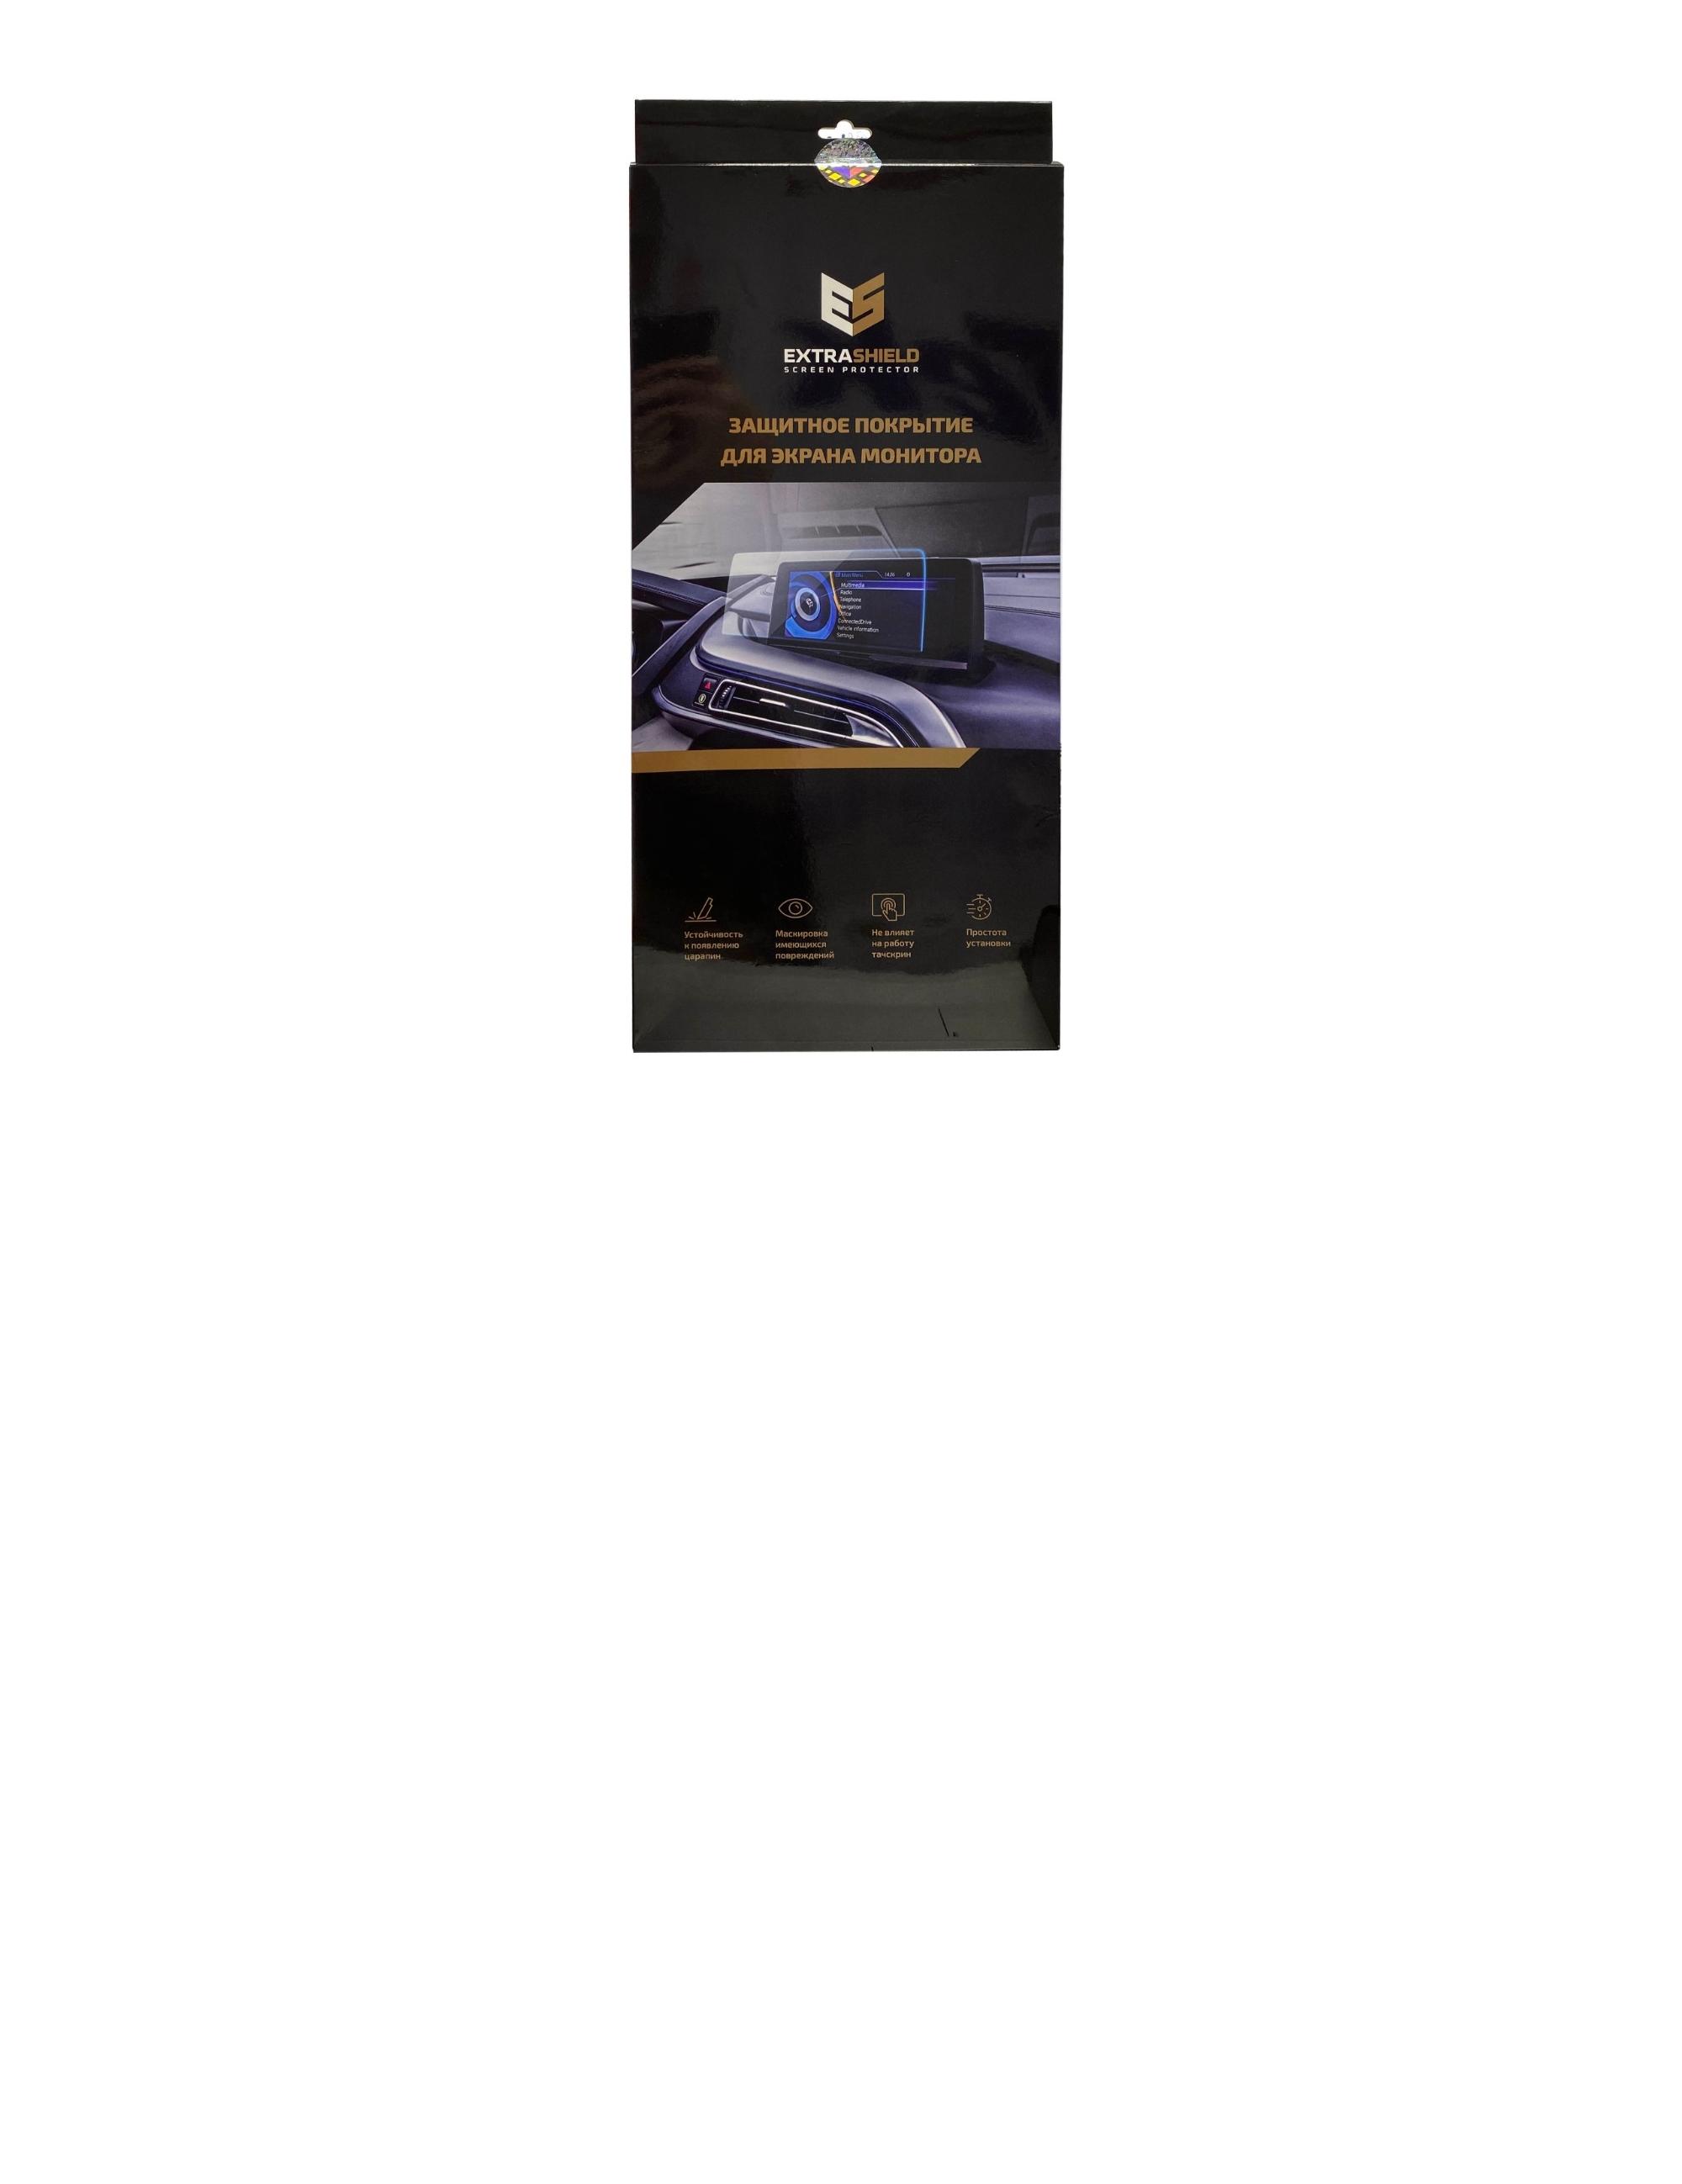 BMW X4 ( F26) 2014 - 2018 мультимедиа 6.5 Защитное стекло Матовая